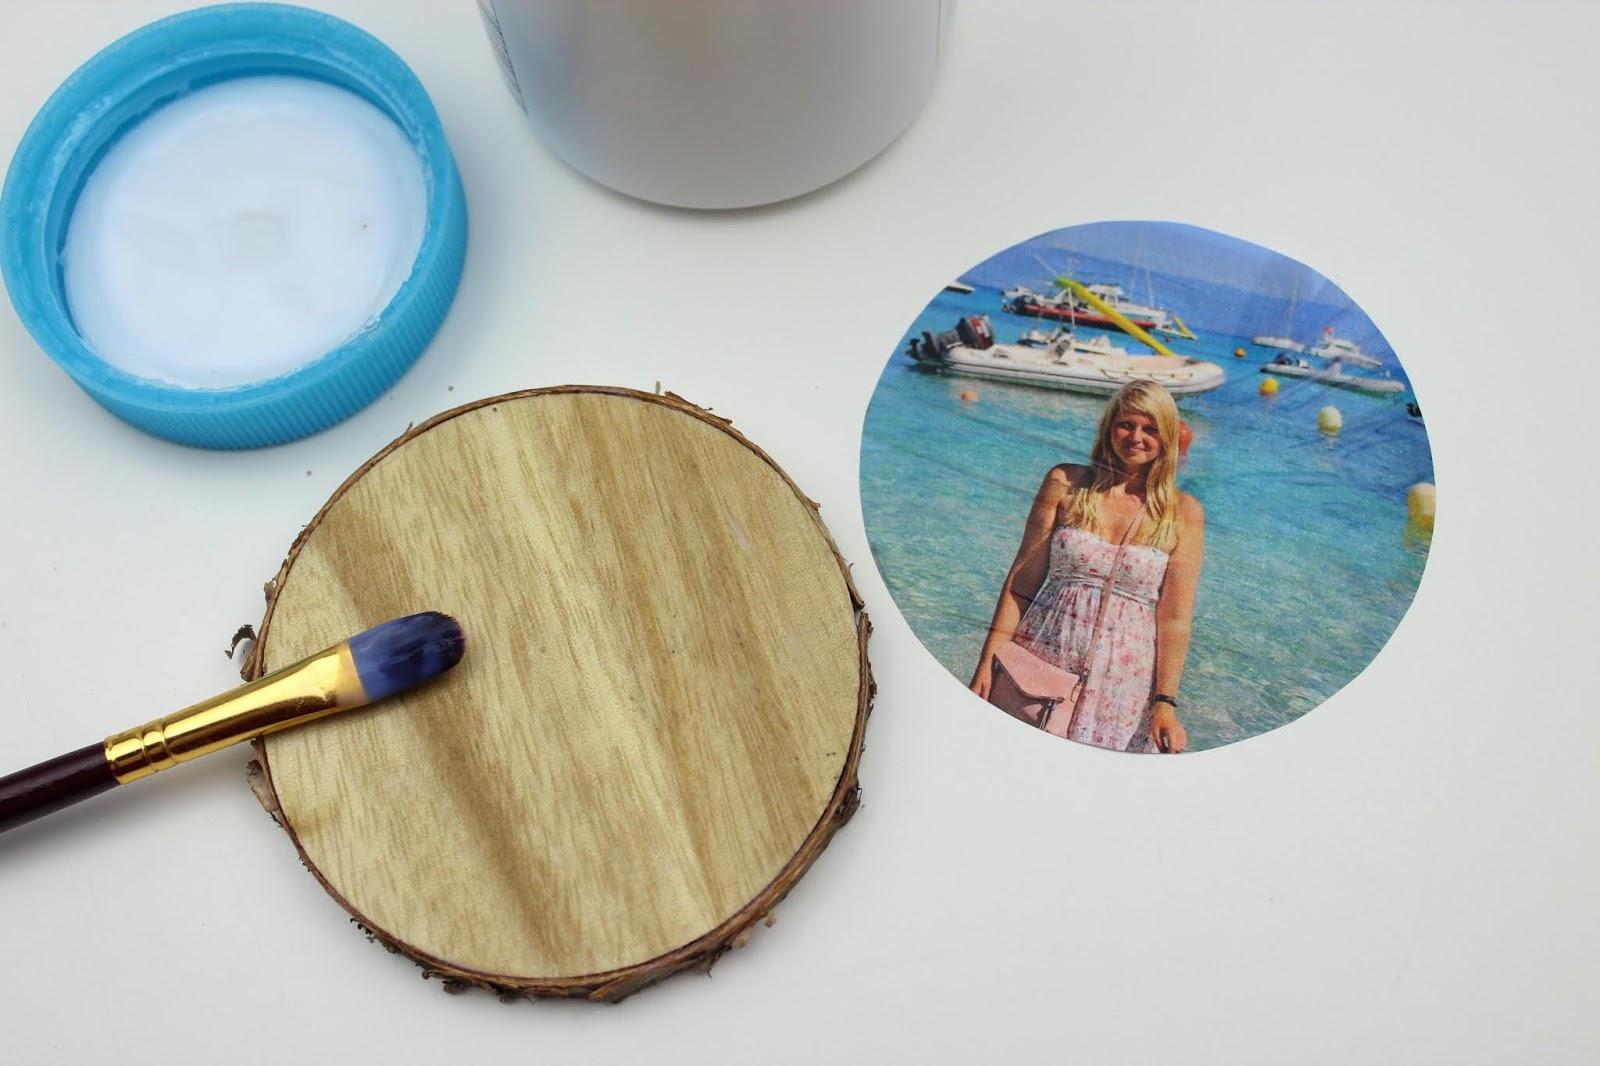 Foto auf Holz übertragen - DIY: 5 wundervolle Fotogeschenke ganz schnell und einfach selber gemacht mit dem HP Tango X